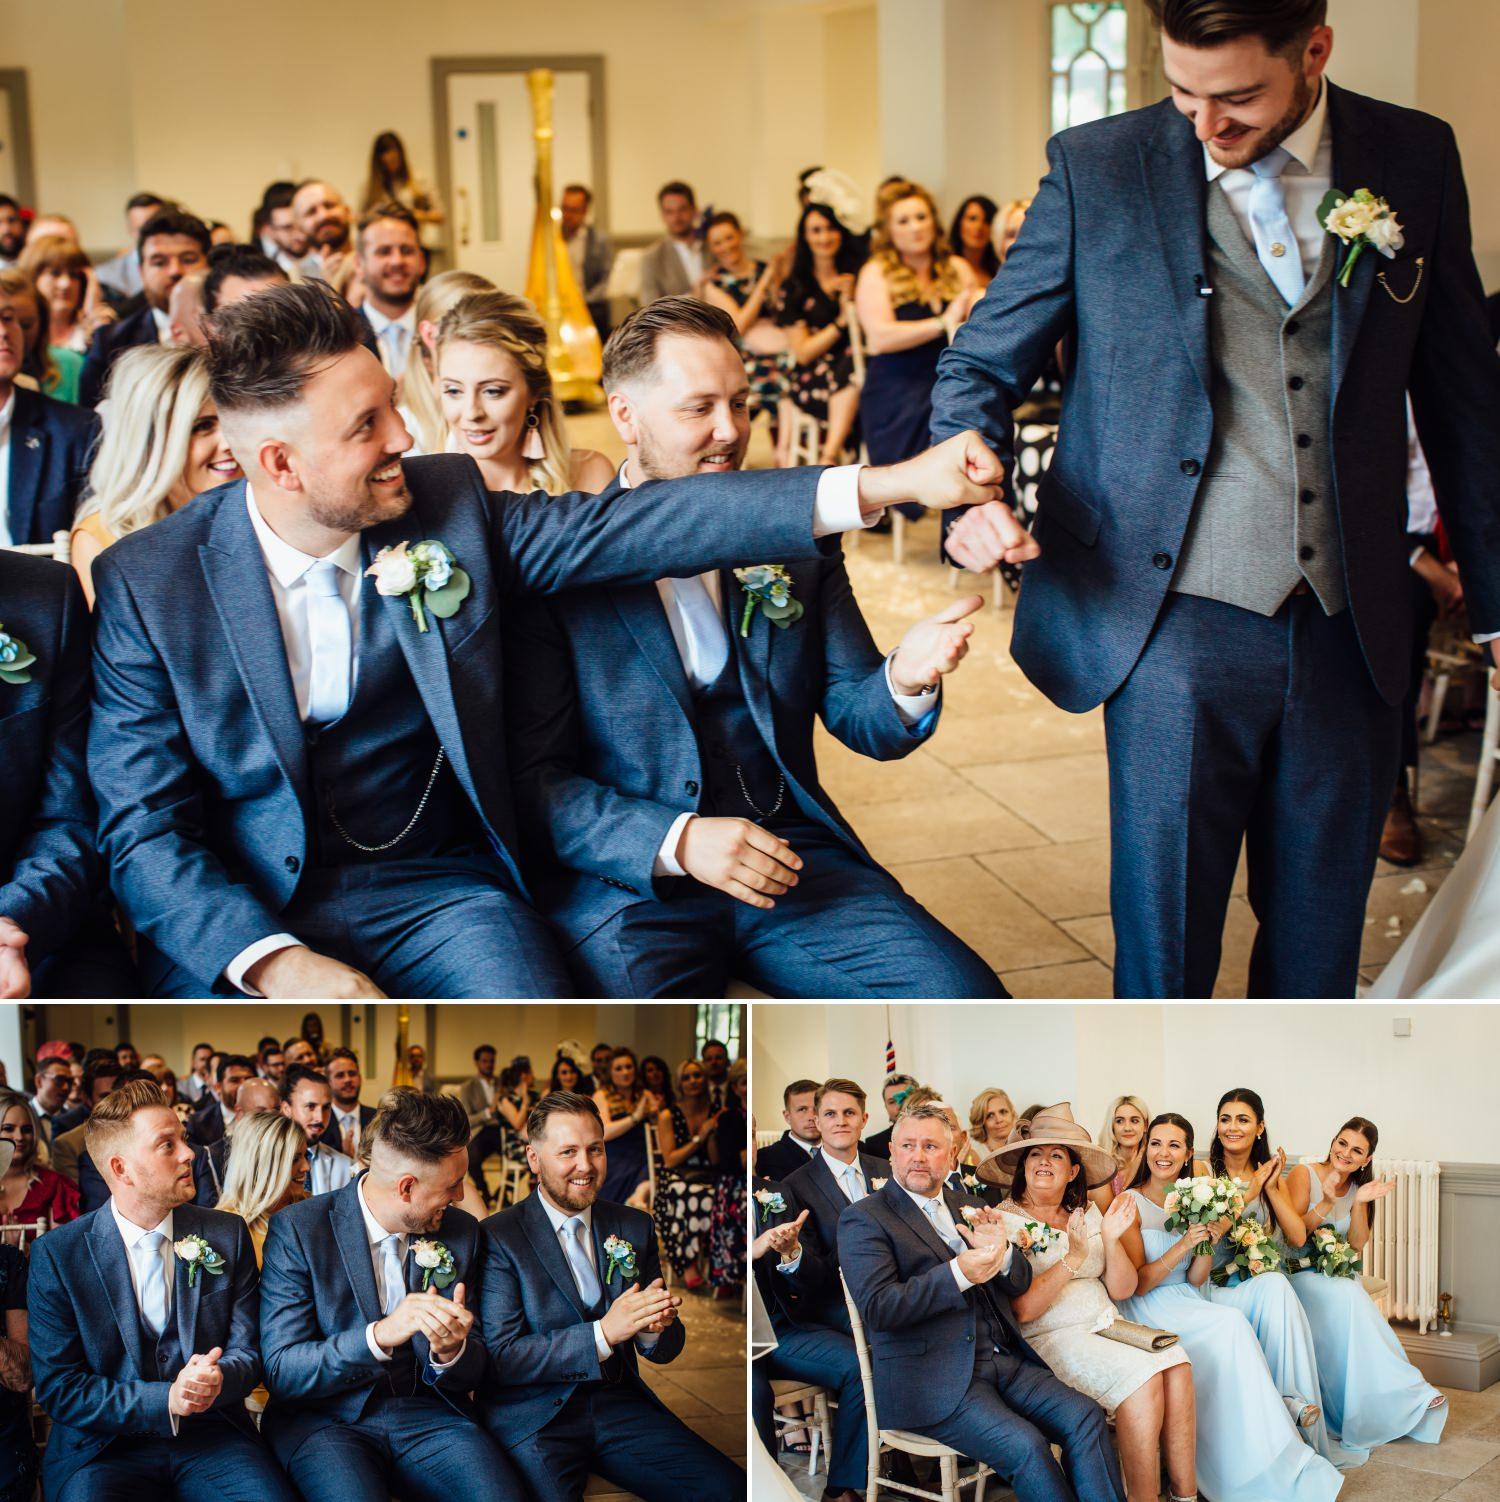 Wedding ceremony guests at Tyn Dwr Hall